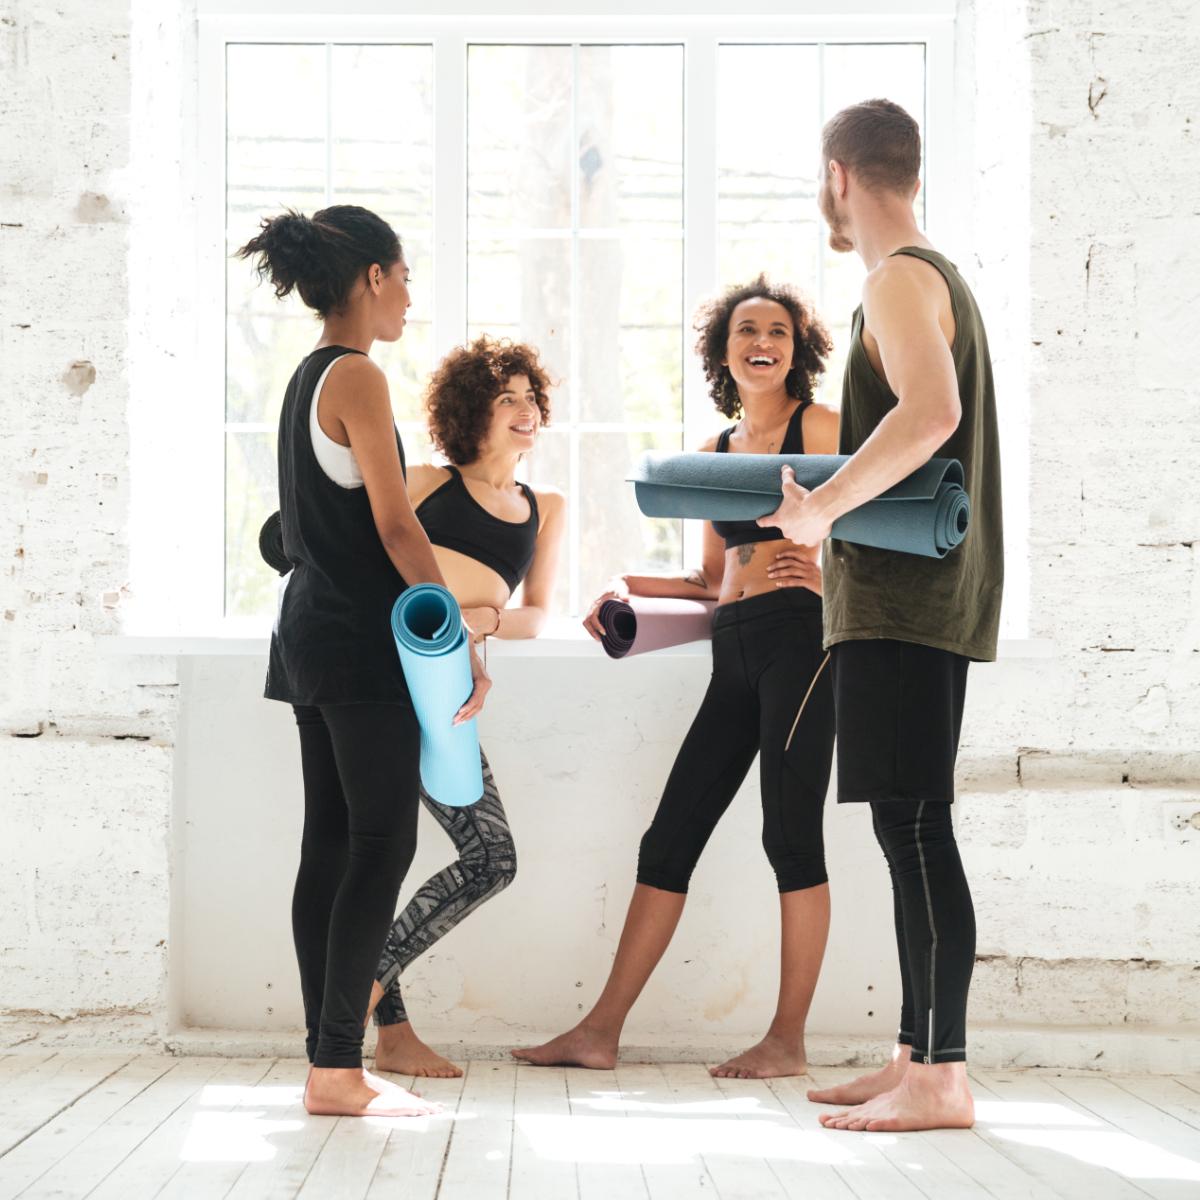 Urban Sports Club Yoga Studio Gruppe